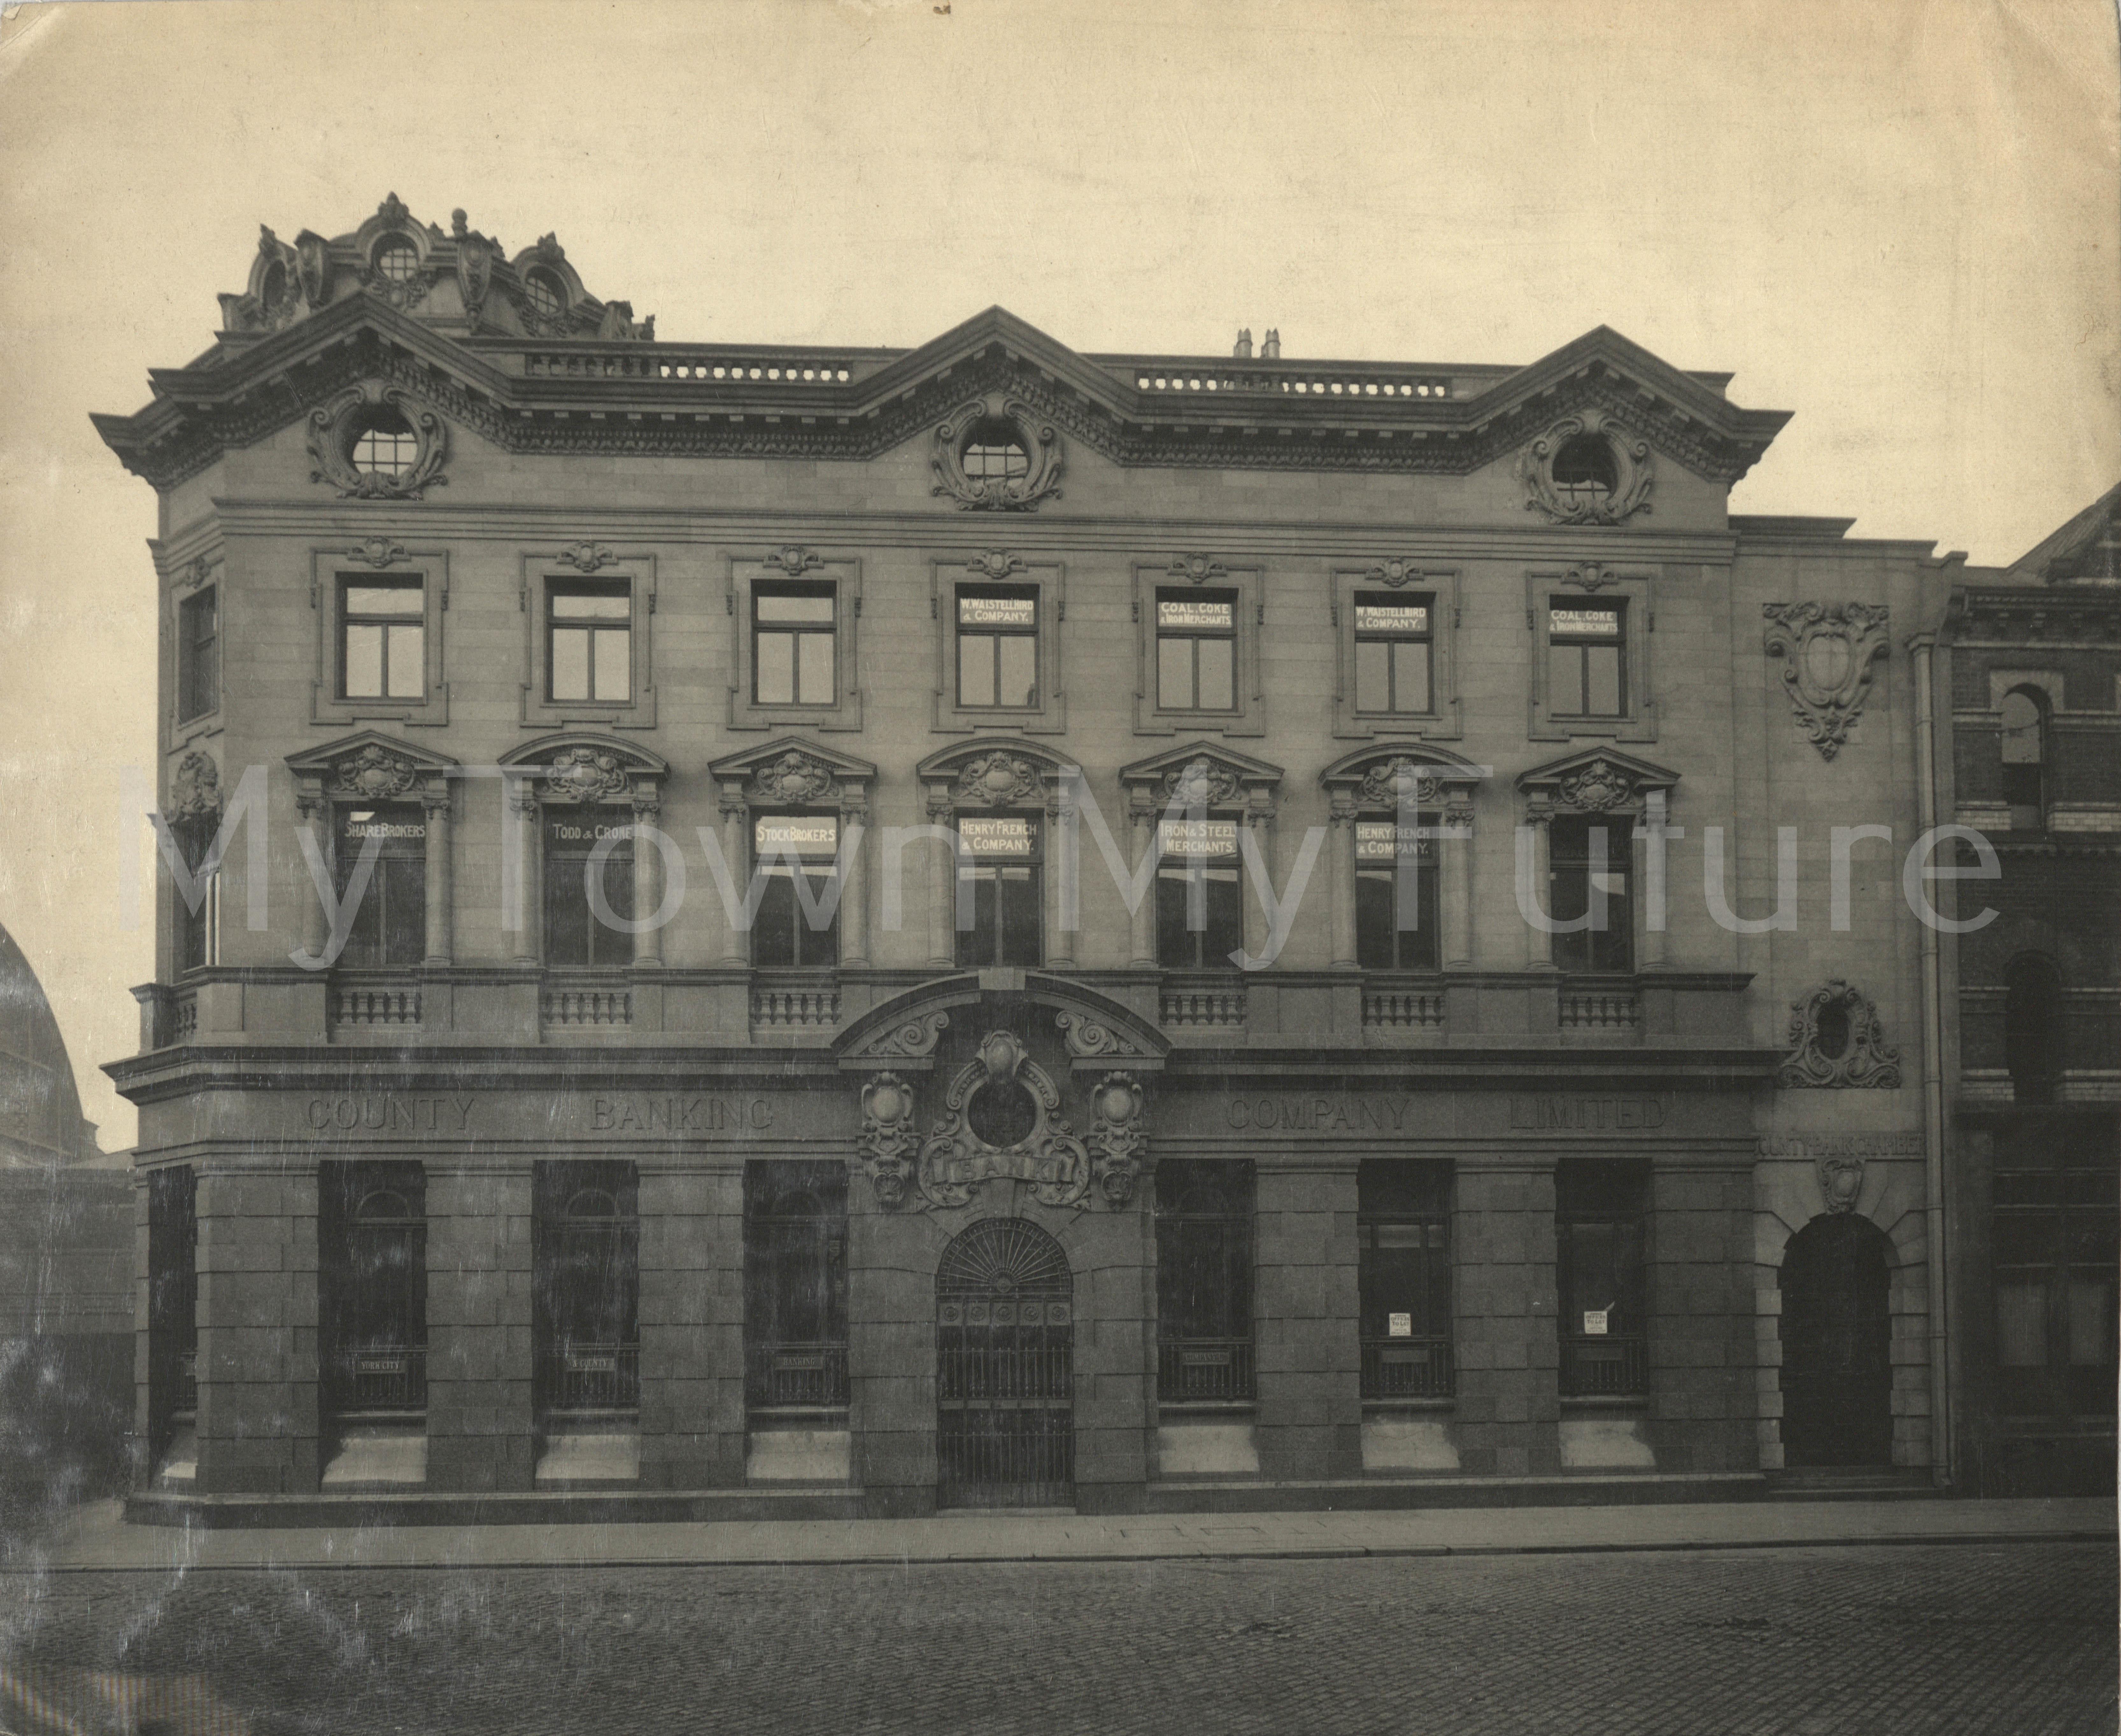 York City & County Bank, Marton Road (c1900)